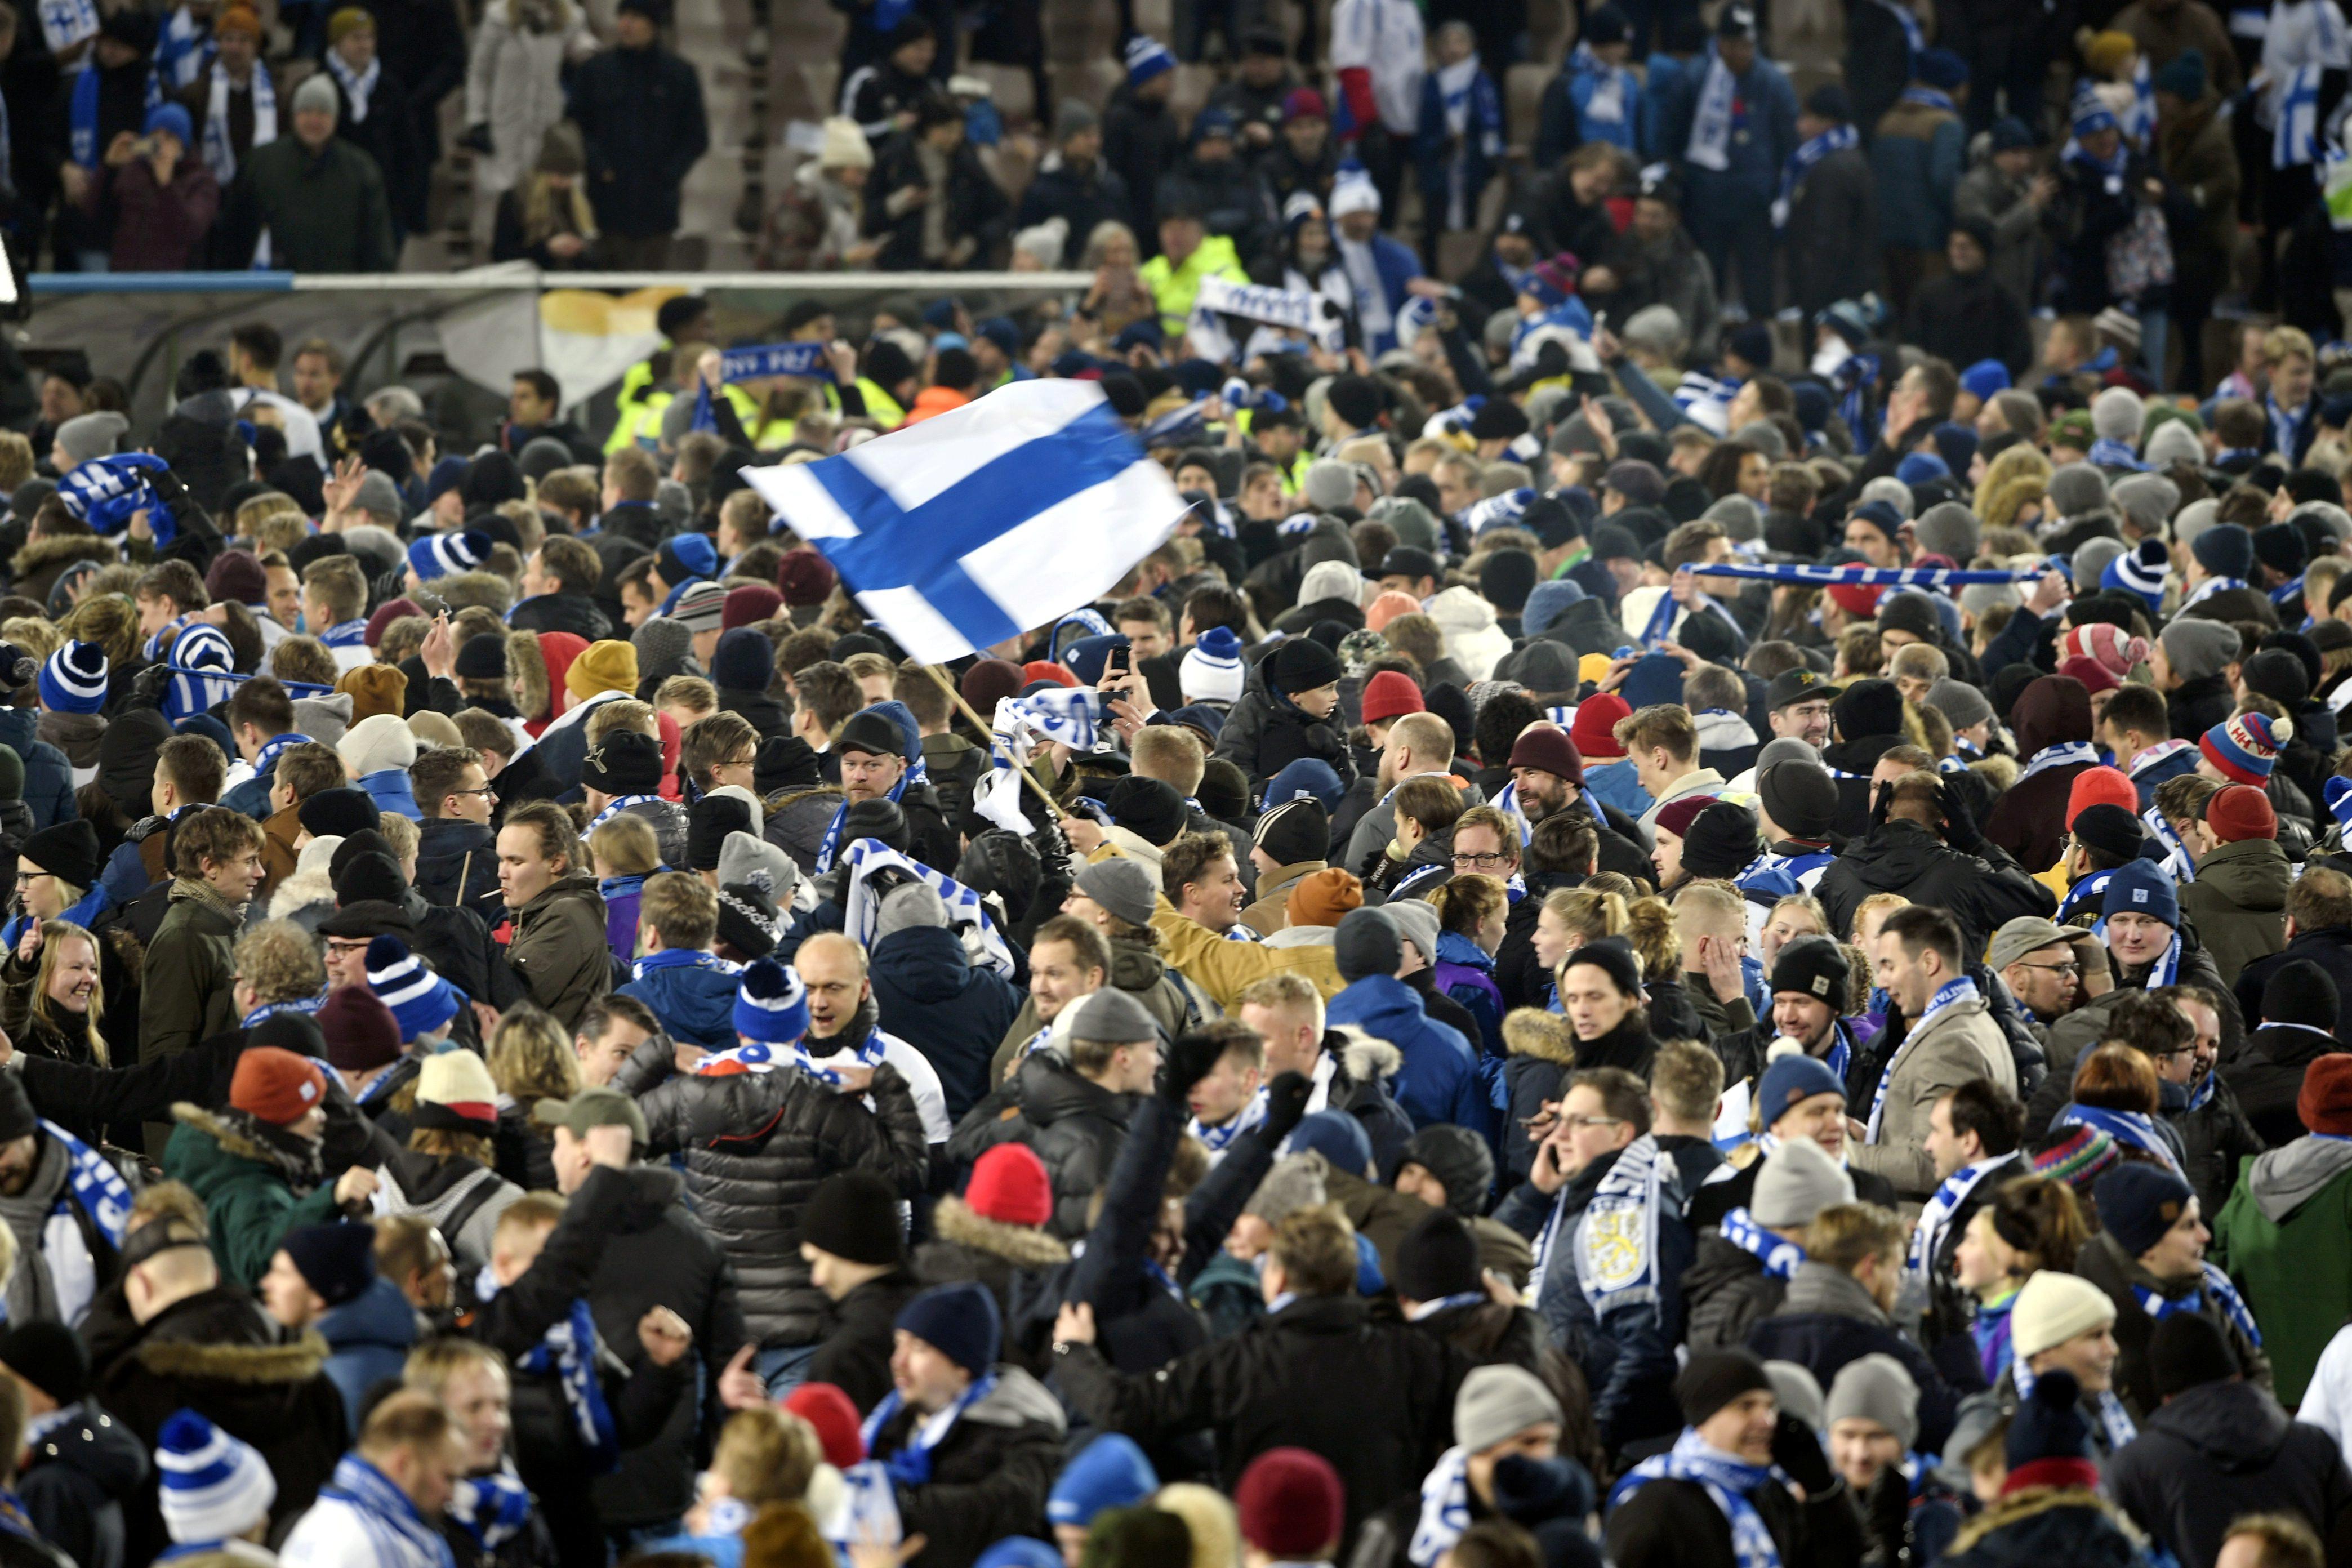 Η Ελλάδα έβγαλε στους δρόμους τους Φινλανδούς! – video